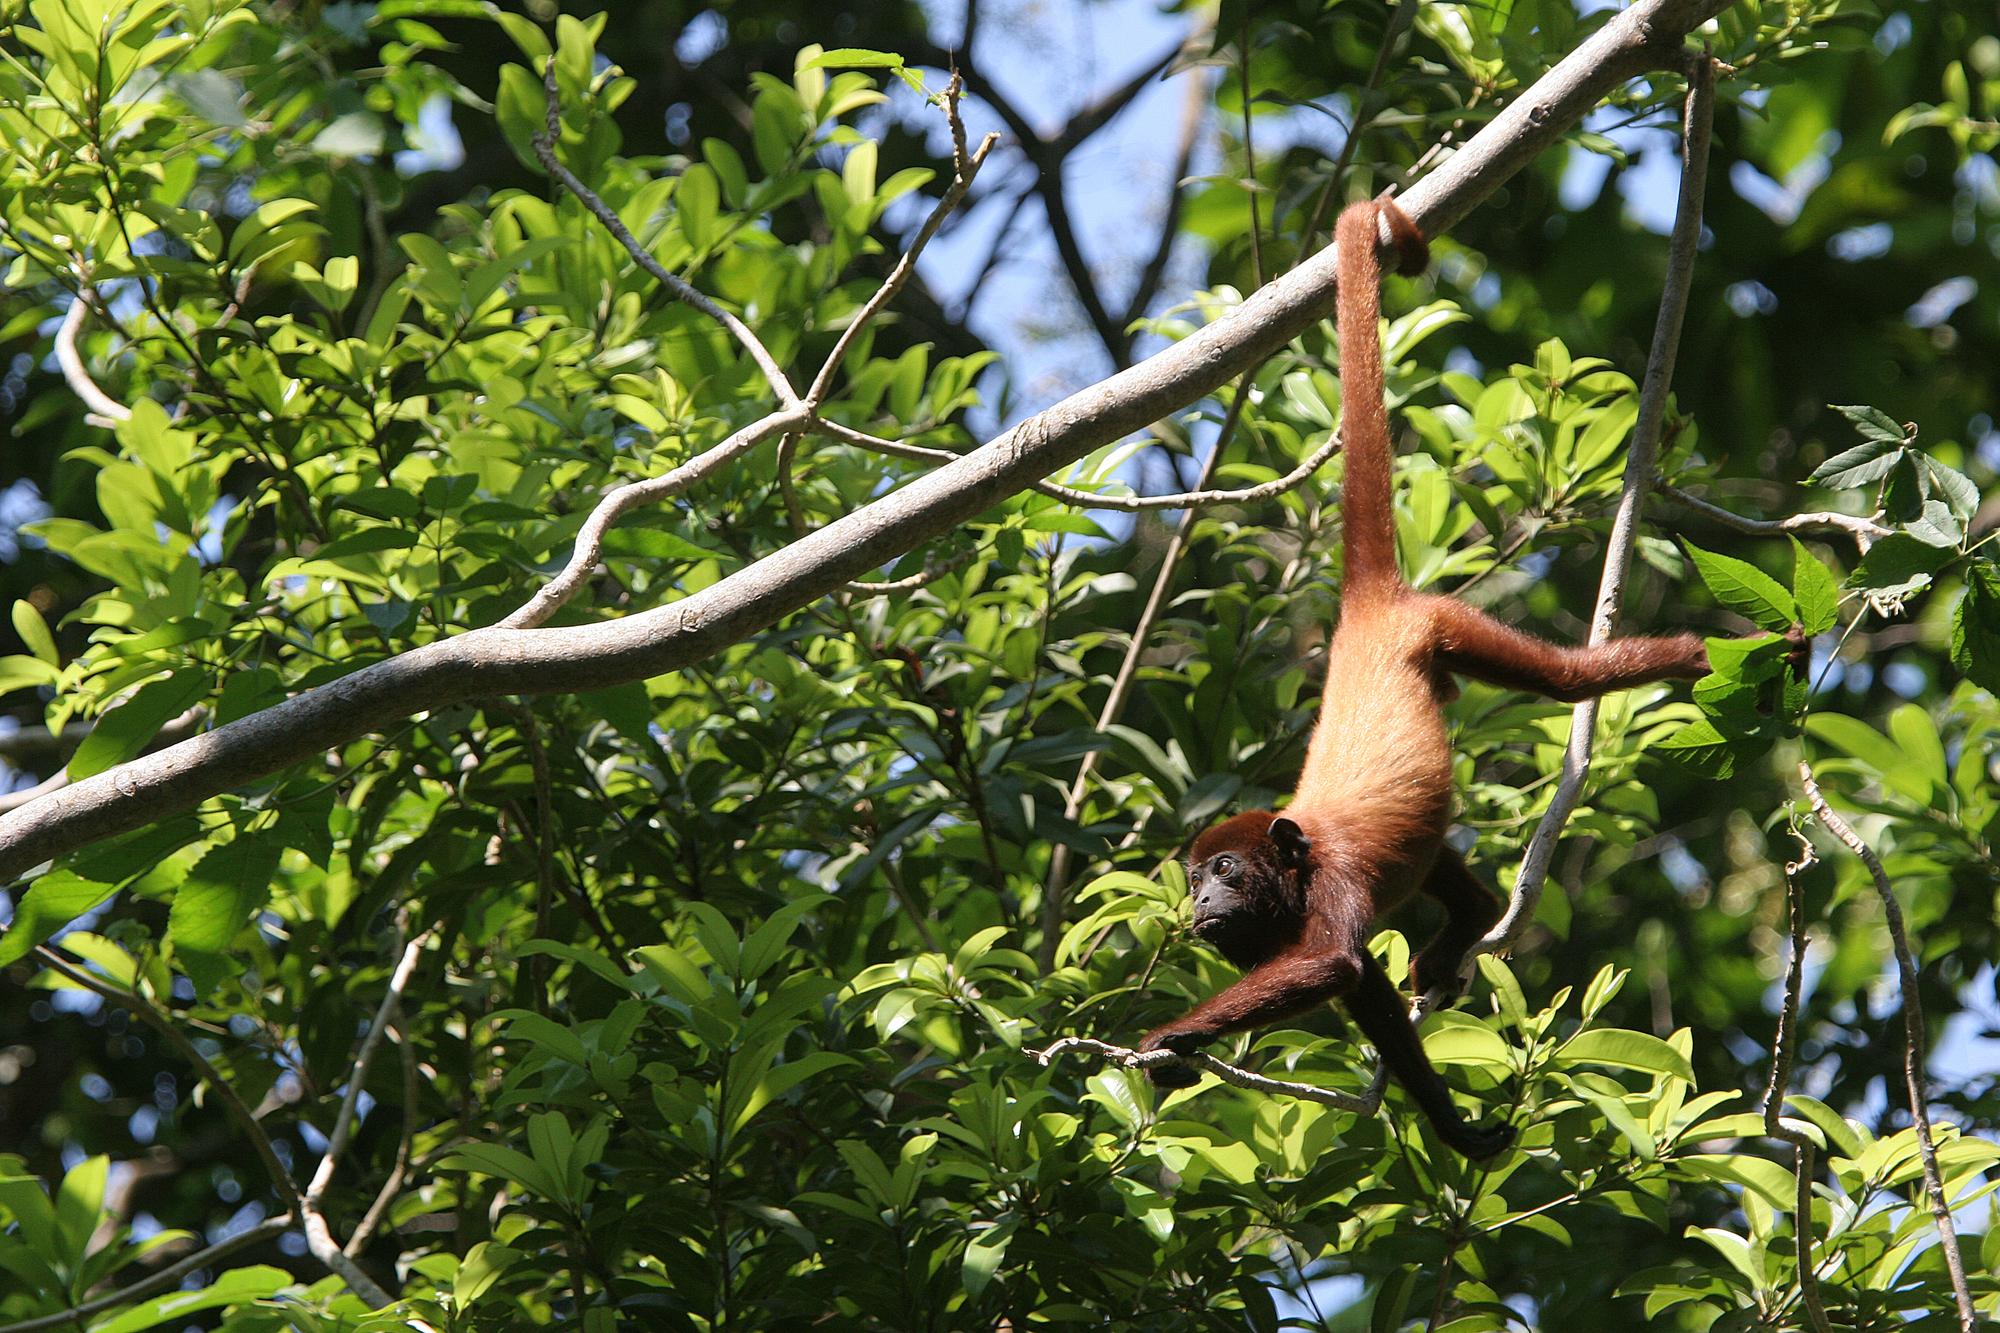 Хвост— это довольно удобно. Но общий предок человека идругих человекоподобных обезьян давно избавился от него.